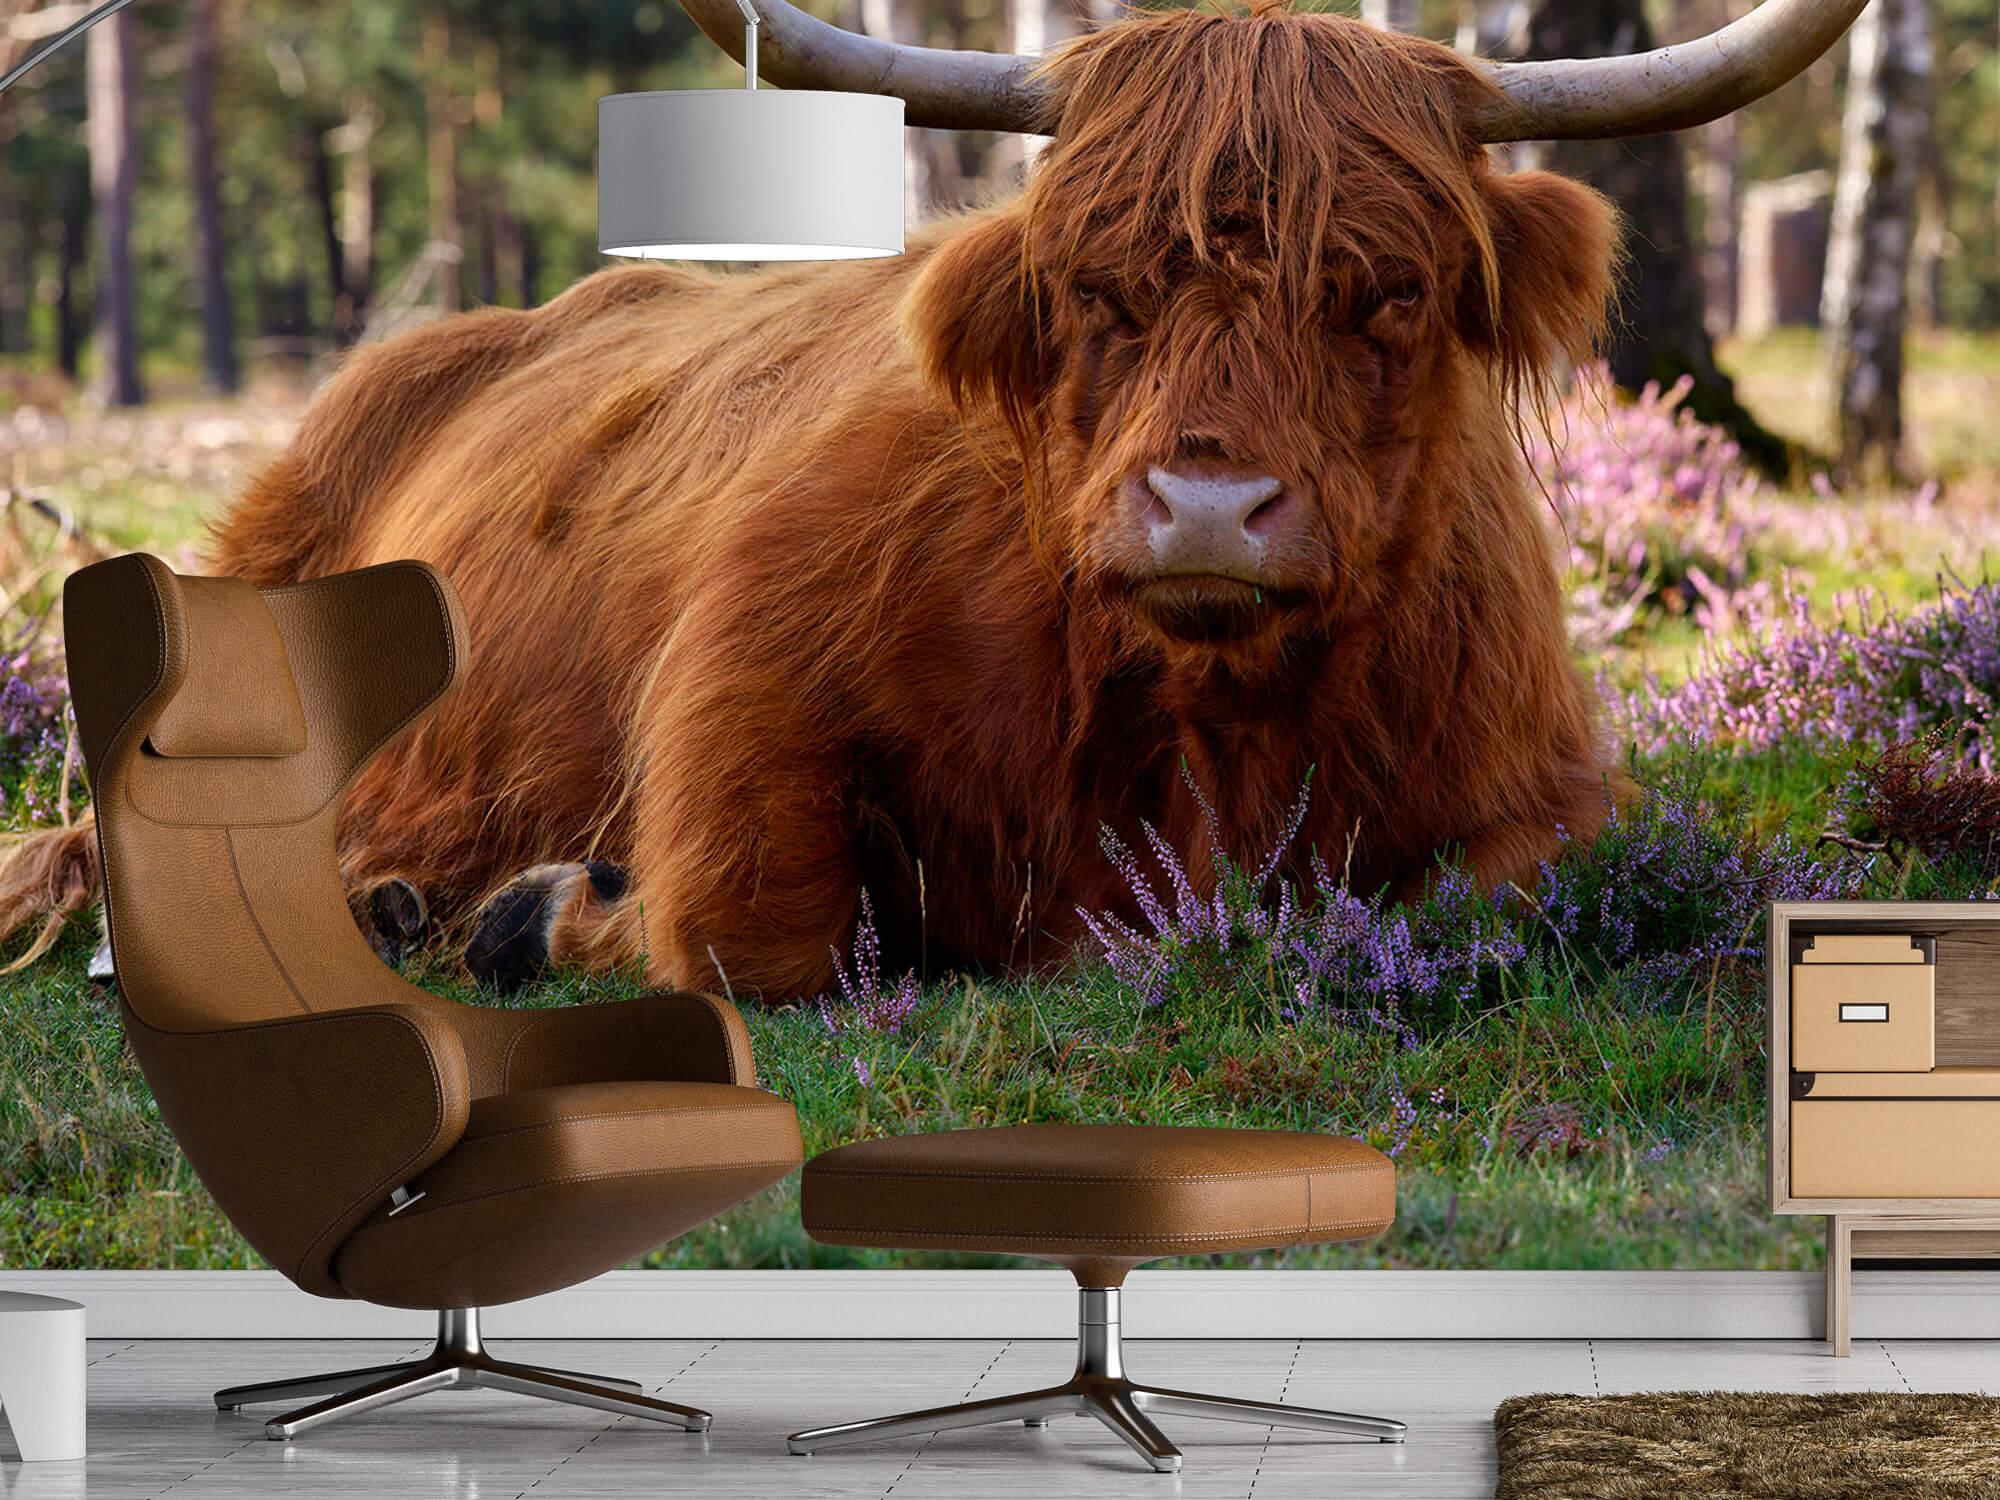 Hooglanders - Liggende Schotse hooglander 19